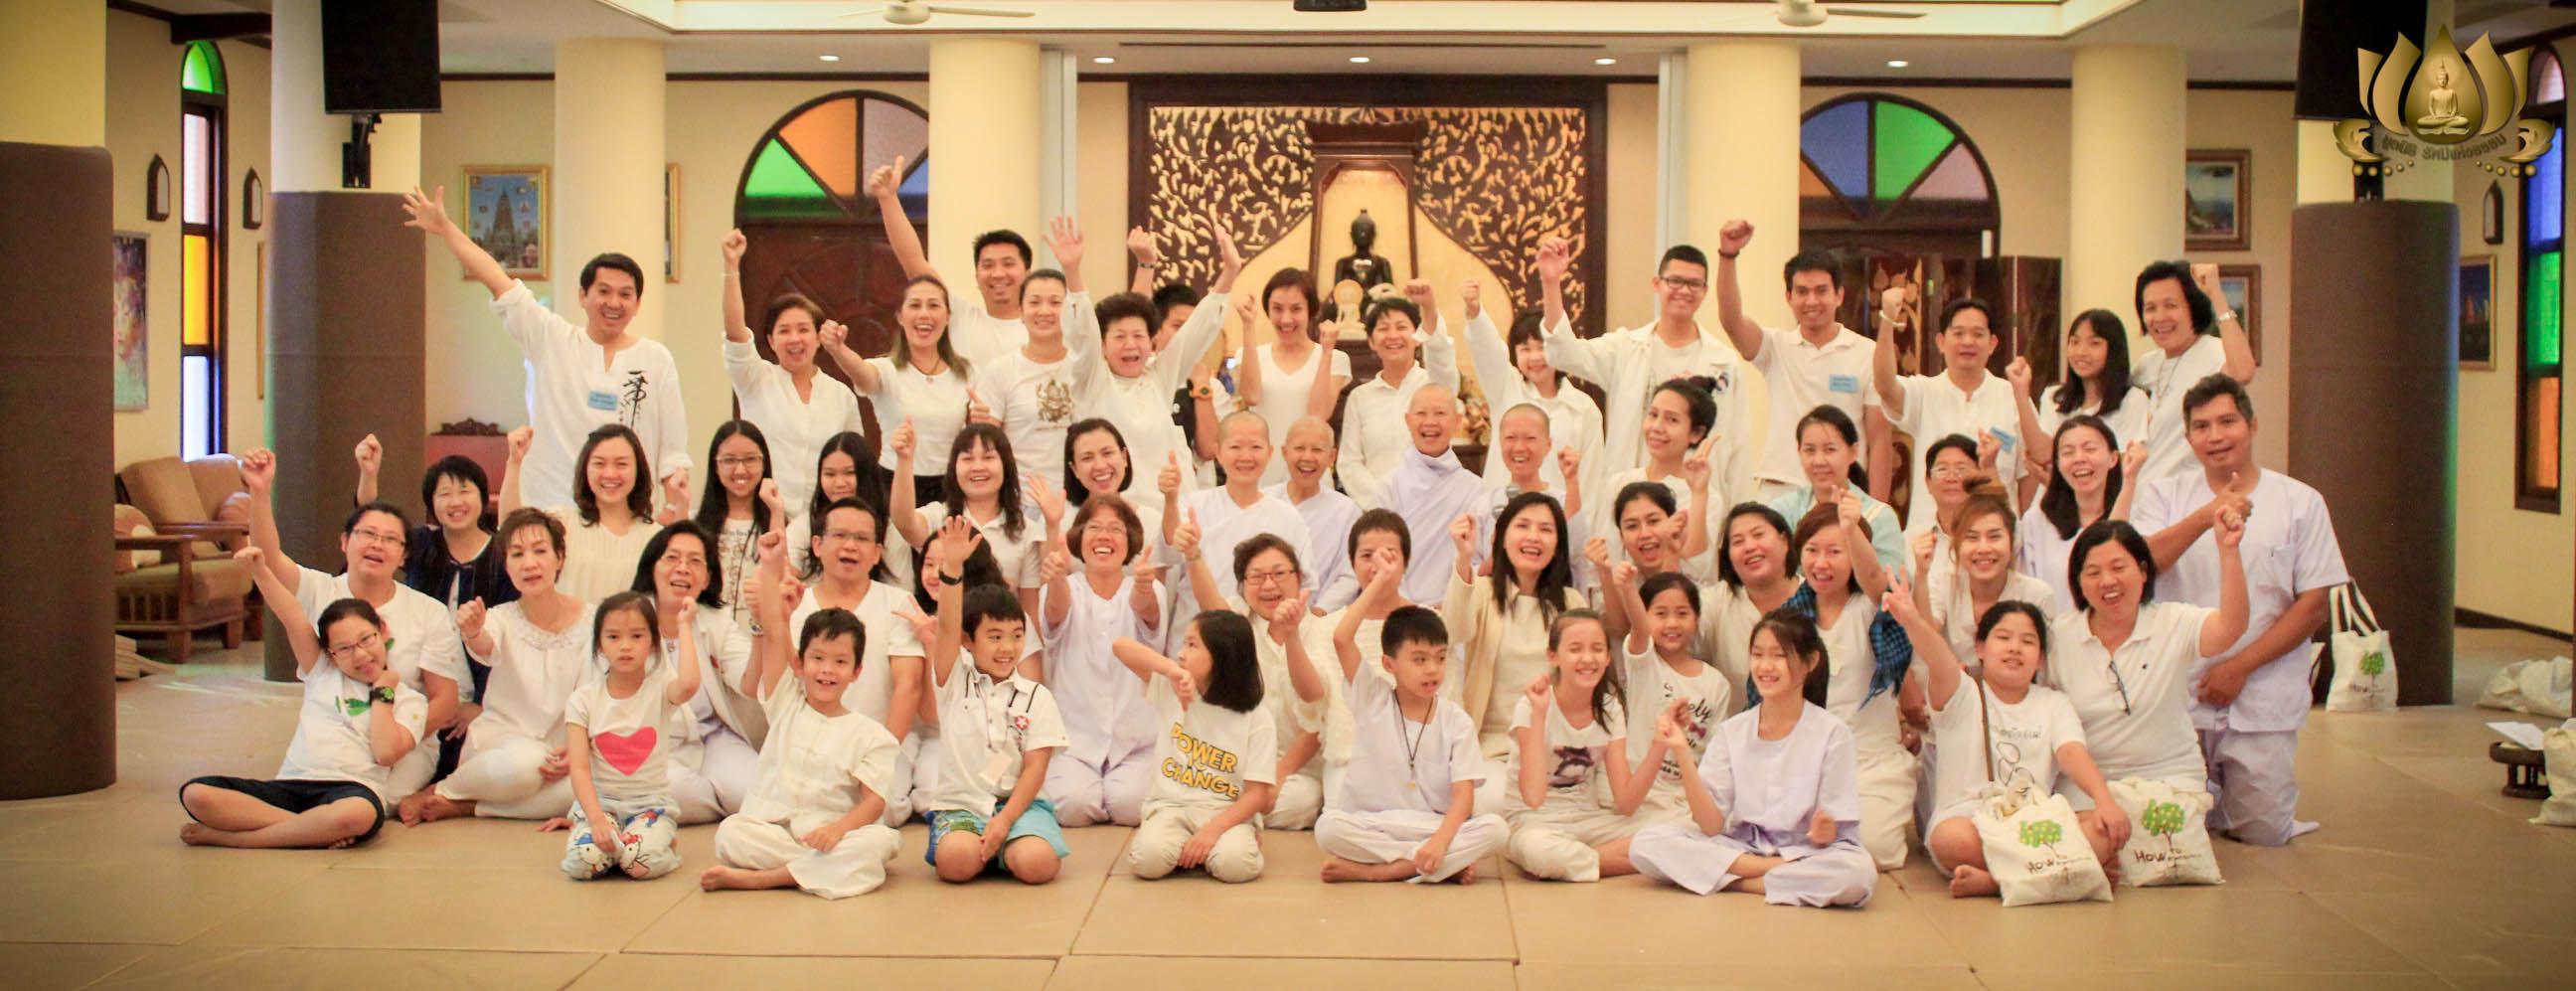 โครงการ Dhamma foe fMILY